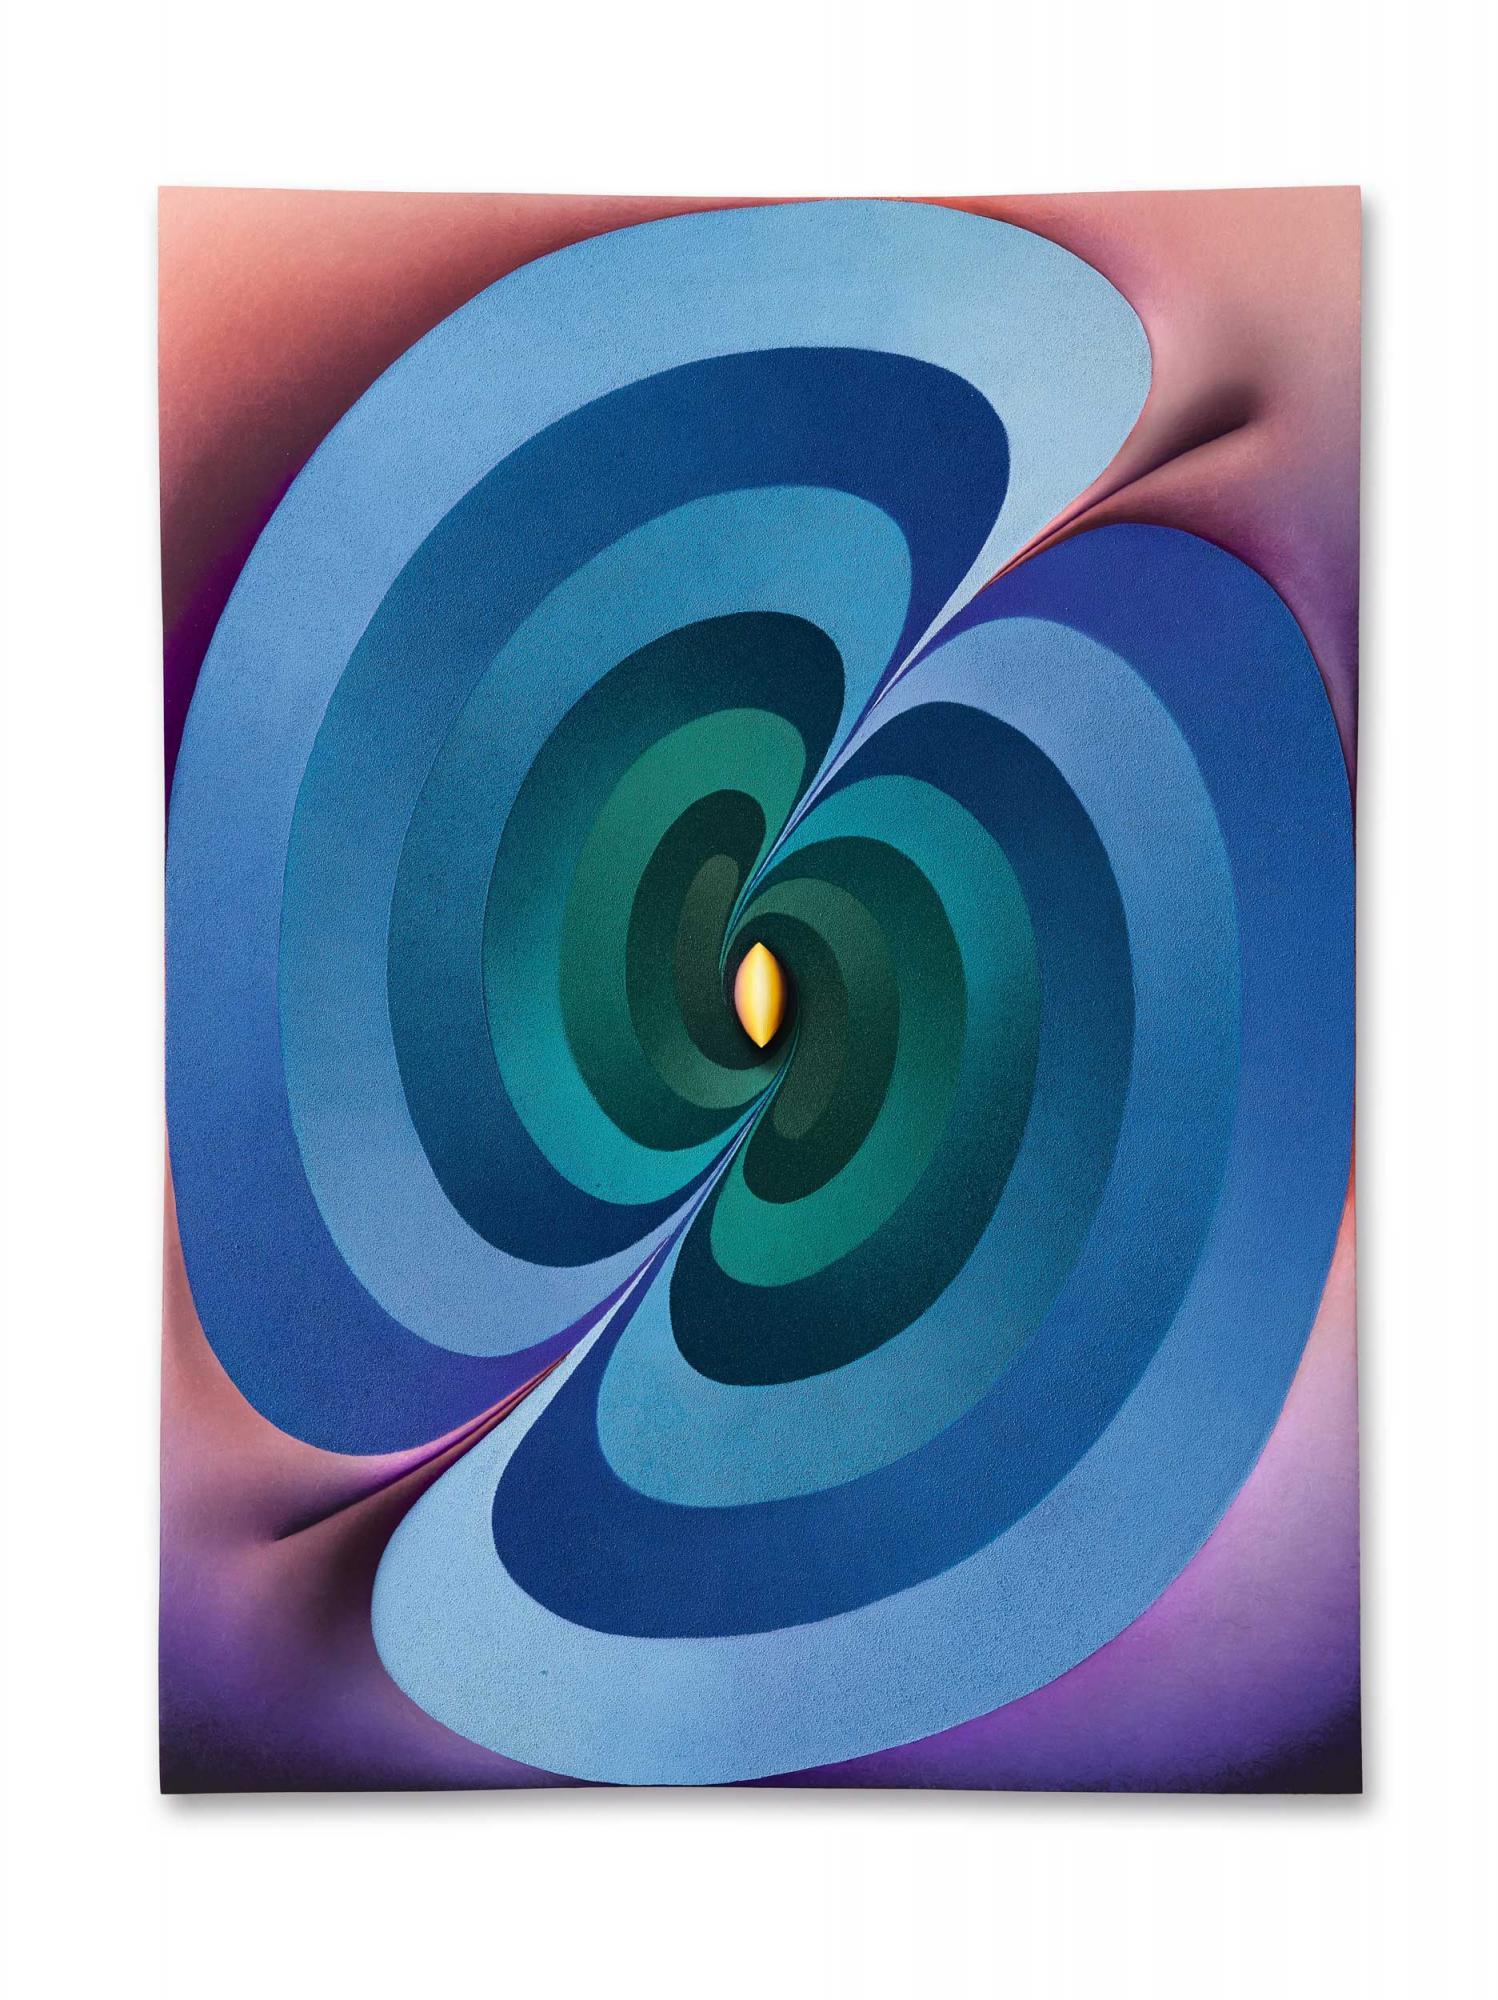 洛伊・霍洛韋爾(Loie Hollowell)《連接的林伽(黃,綠,藍,紫,粉紅色)》 2018年作,油彩、壓克力媒材、 鋸粉及高密度泡沫亞麻布,裱於木板 122 x 91.5 x 9.3 公分 估價:3,000,000 - 5,000,000港元